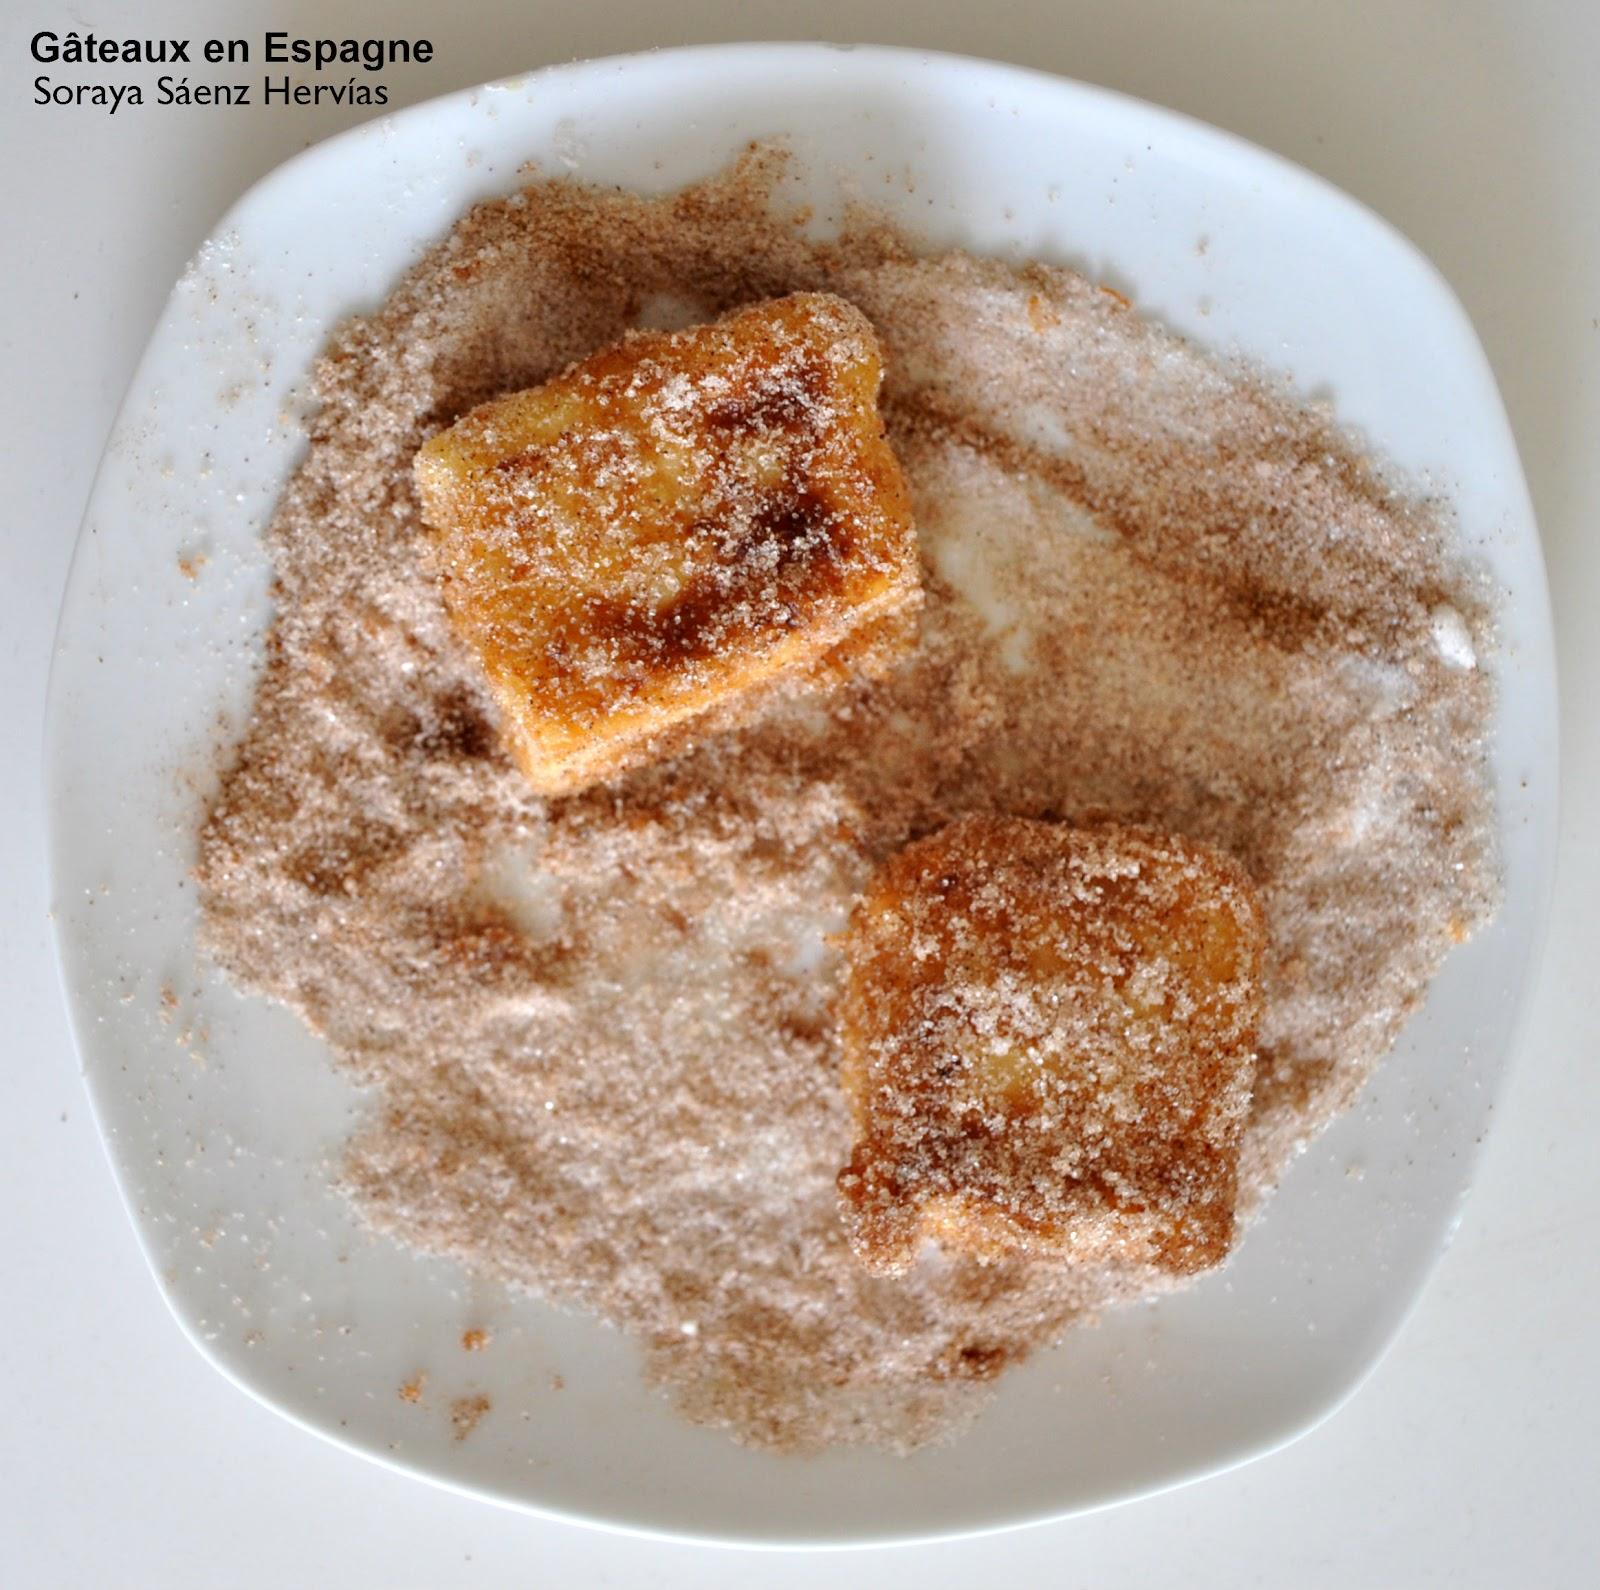 G teaux en espagne recette g teaux au lait et la - Gateau avec du lait et des oeufs ...